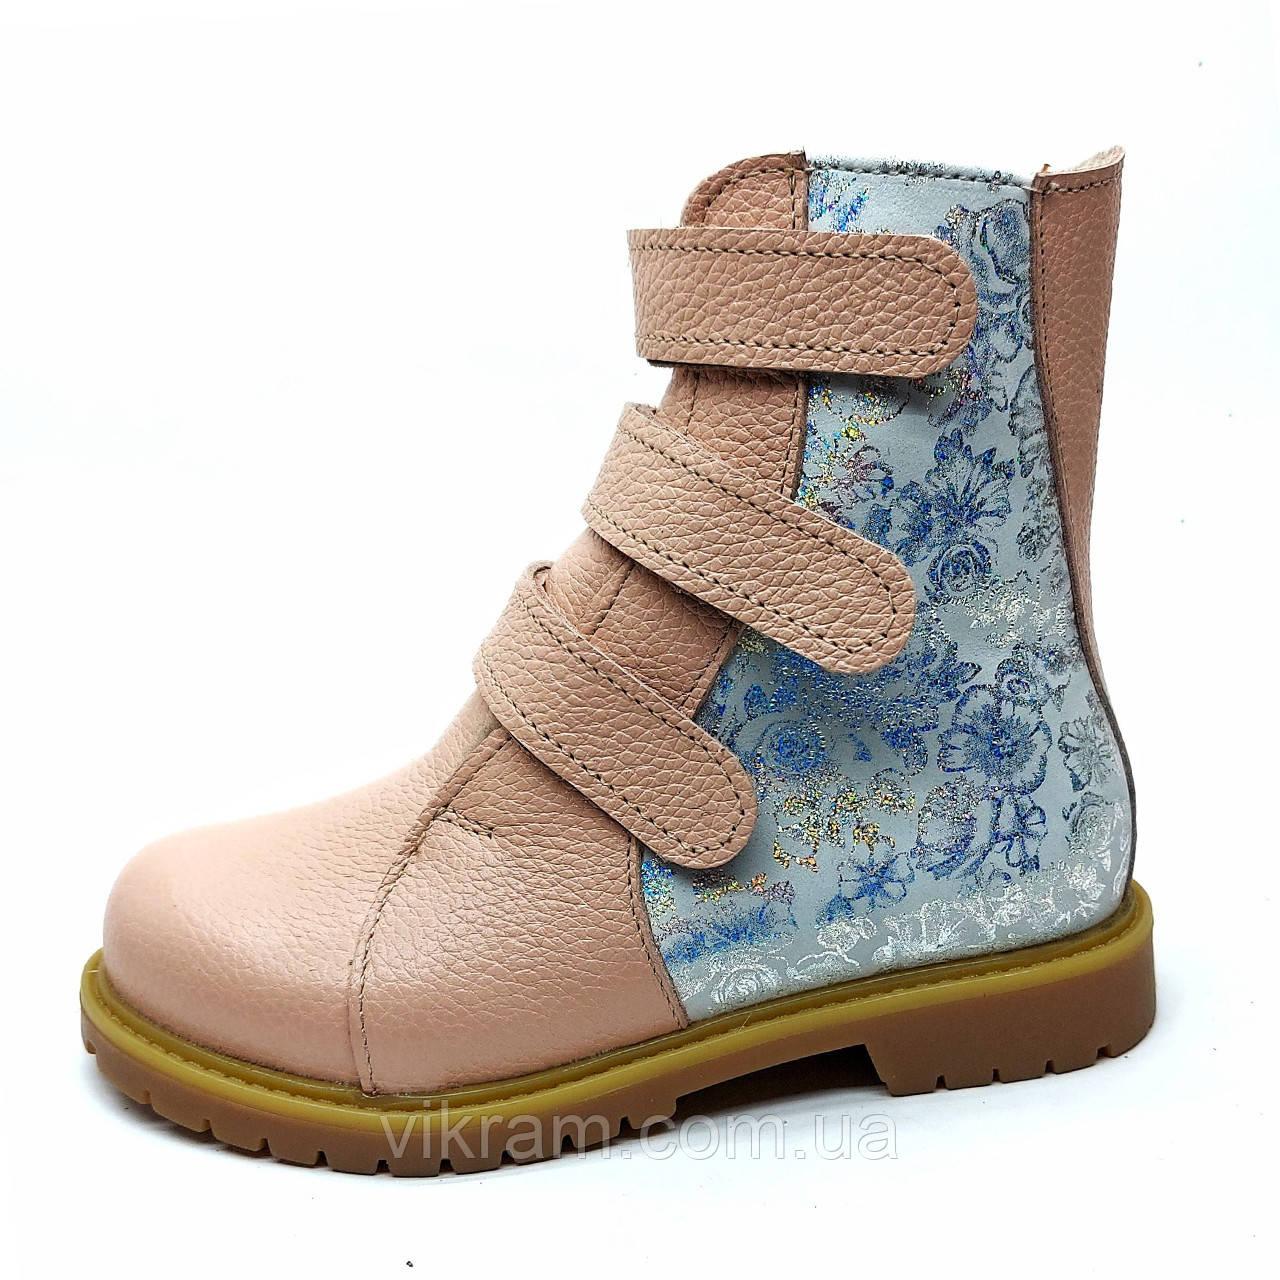 Кожаные зимние ортопедические ботинки для девочек САЛЛИ розовые